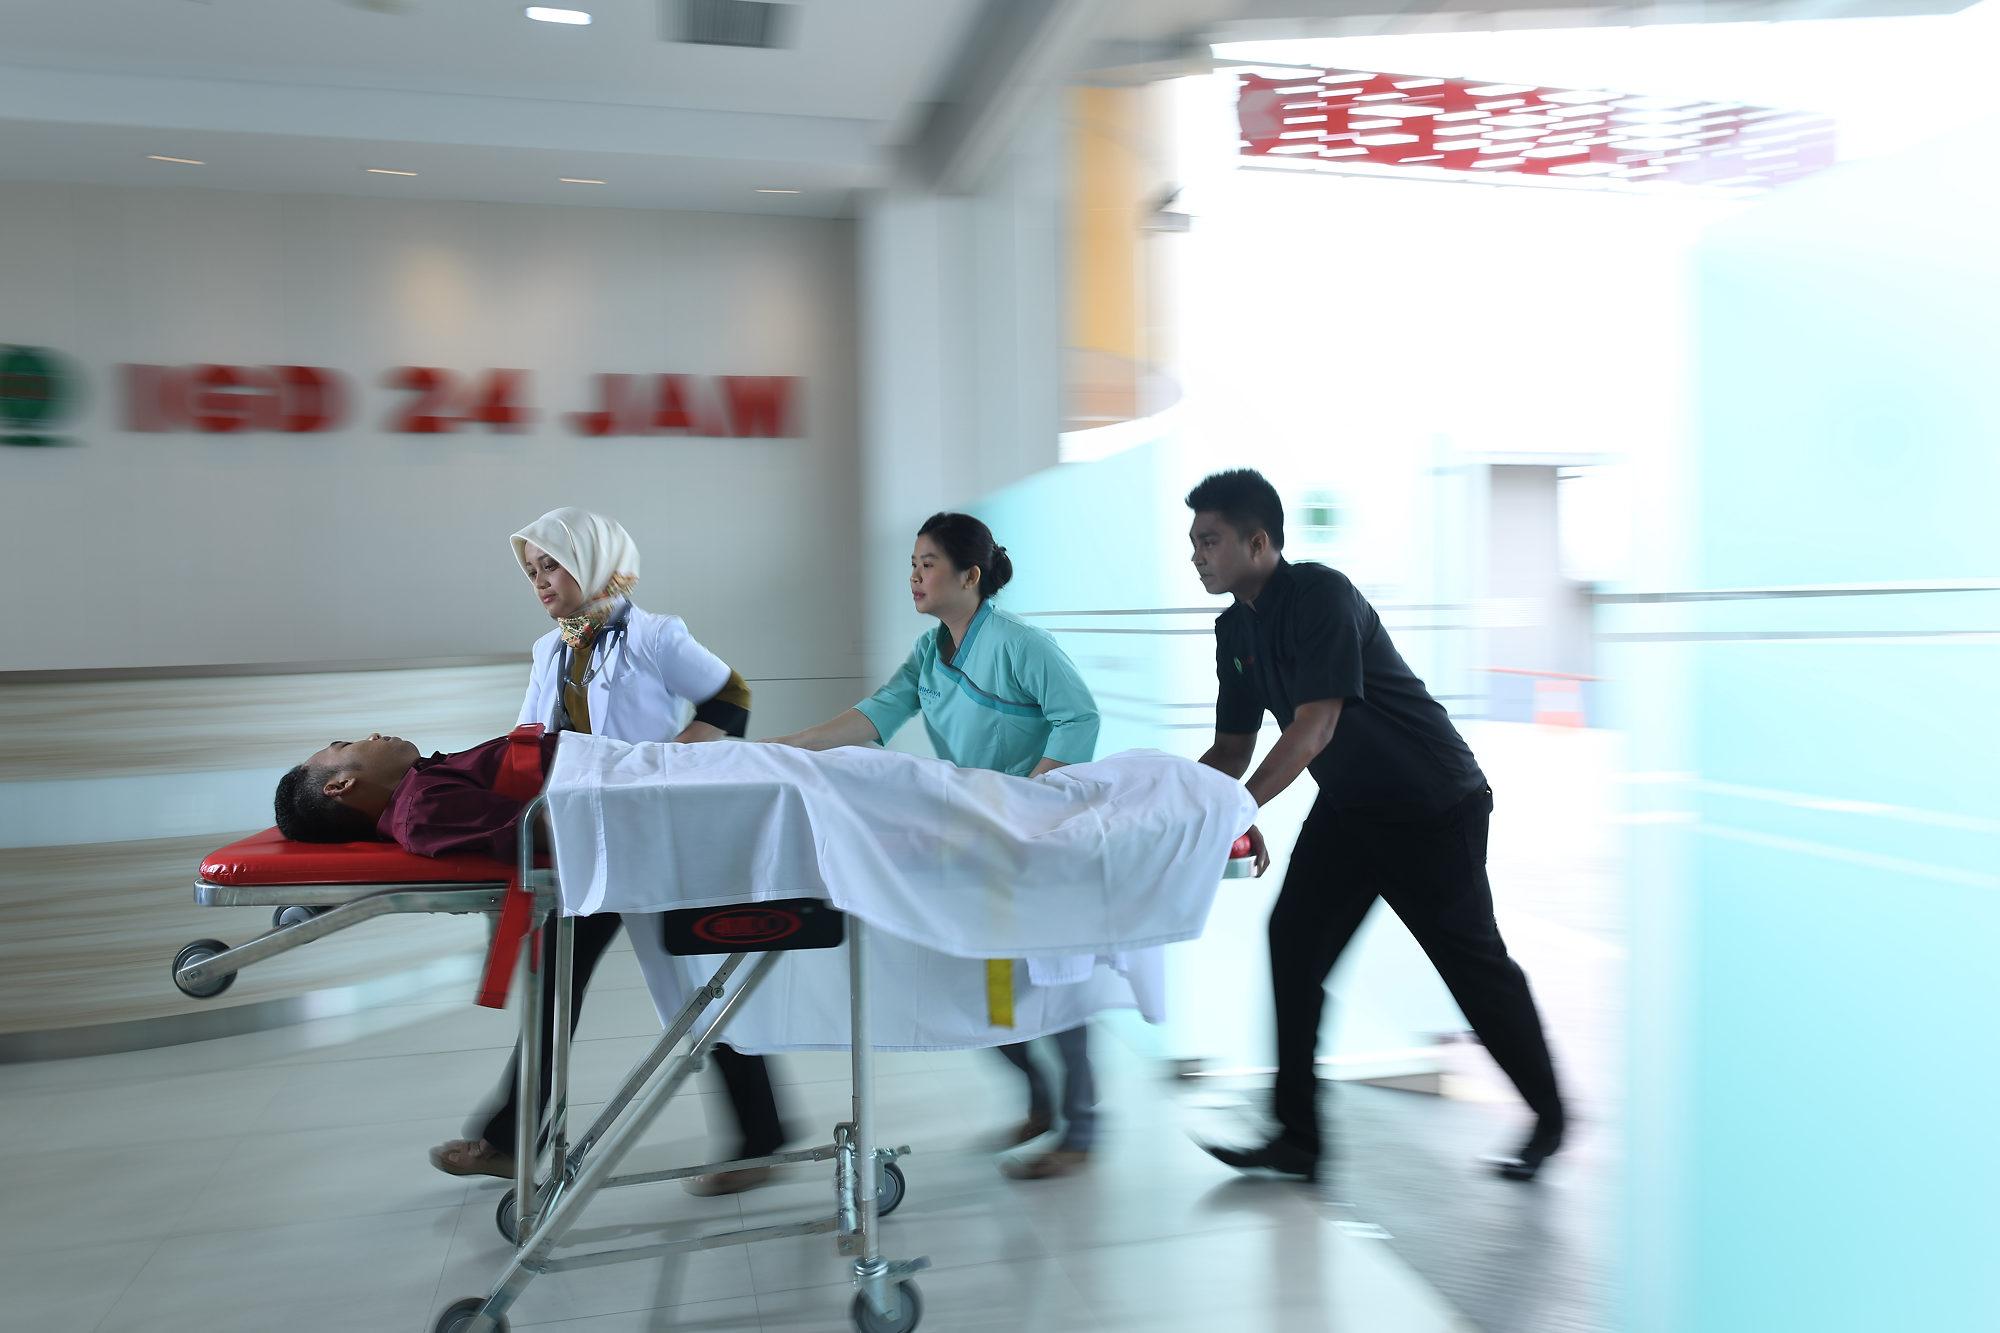 unit gawat darurat, rs awal bros, rumah sakit awal bros